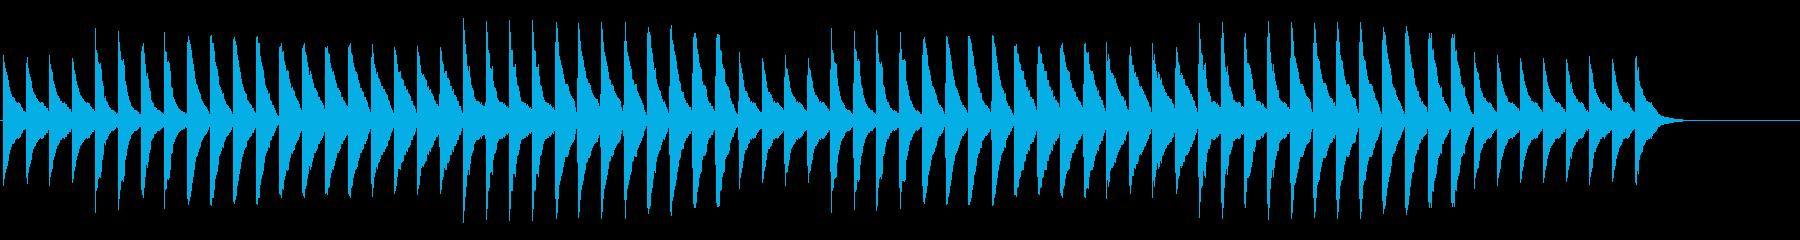 ジャッジメント 緊張の発表 ピアノのみの再生済みの波形